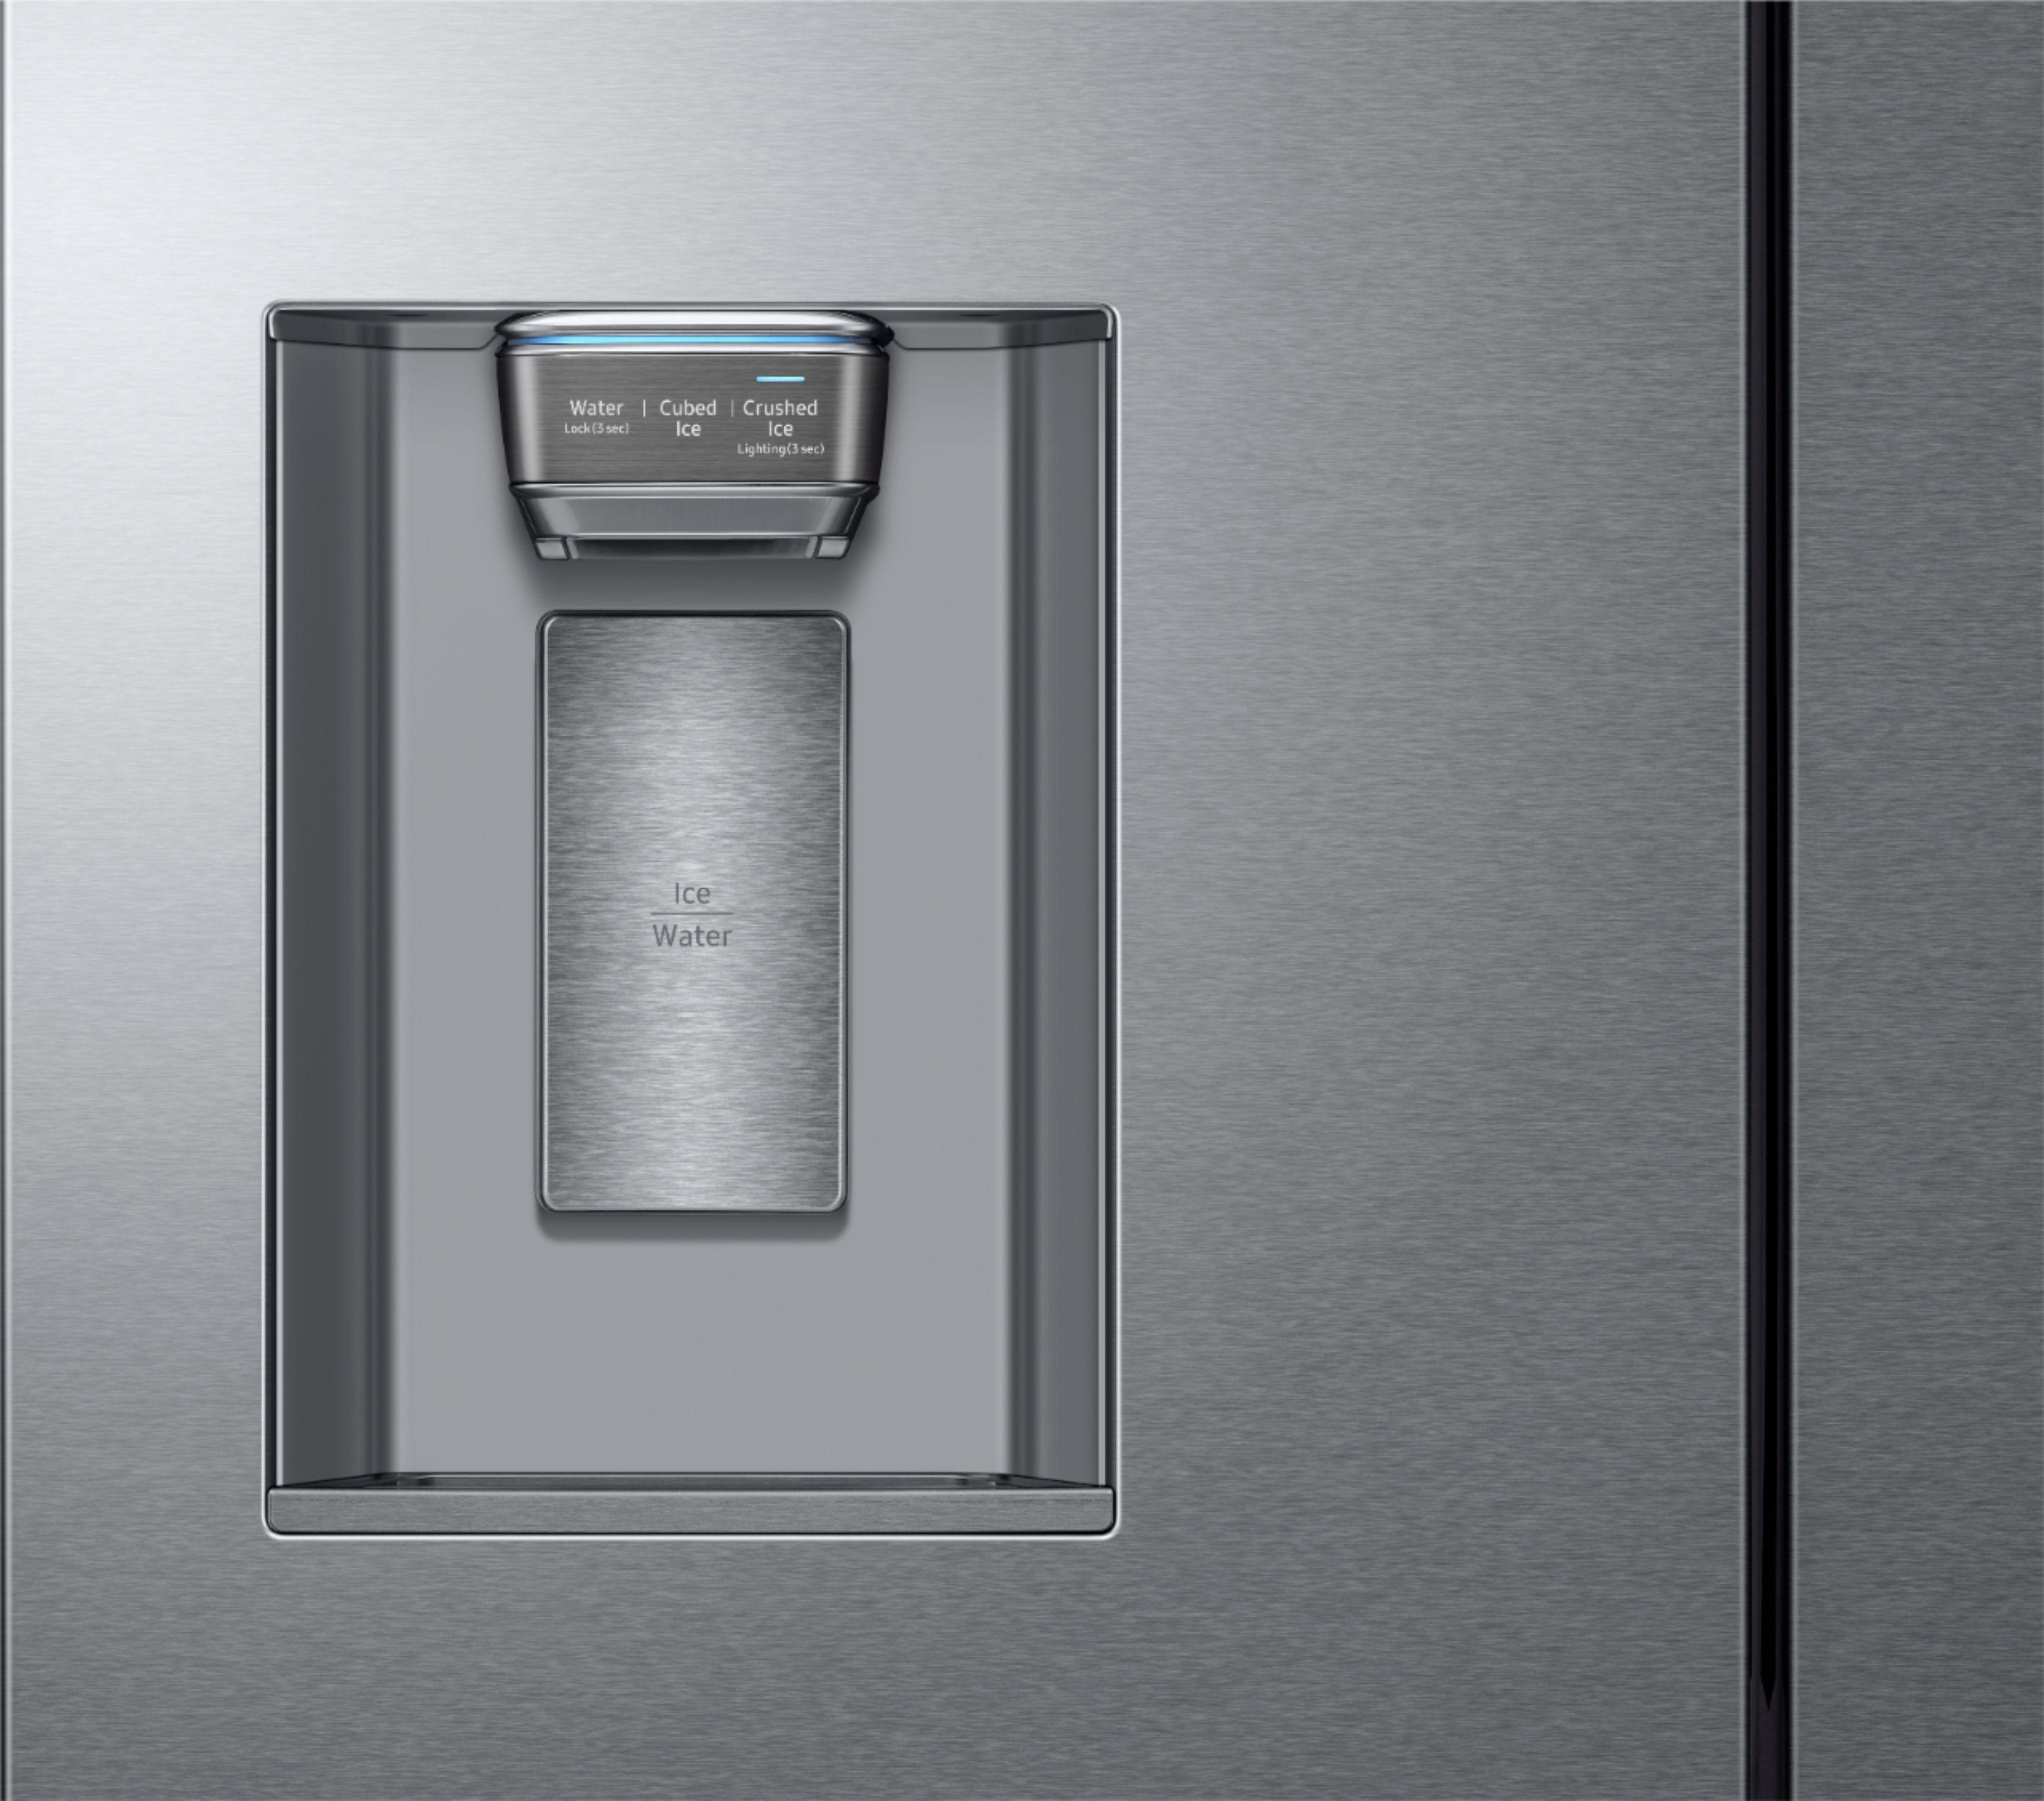 Ft. 4-Door French Door Counter-Depth Refrigerator & Samsung - 22.6 Cu. Ft. 4-Door French Door Counter-Depth ... pezcame.com